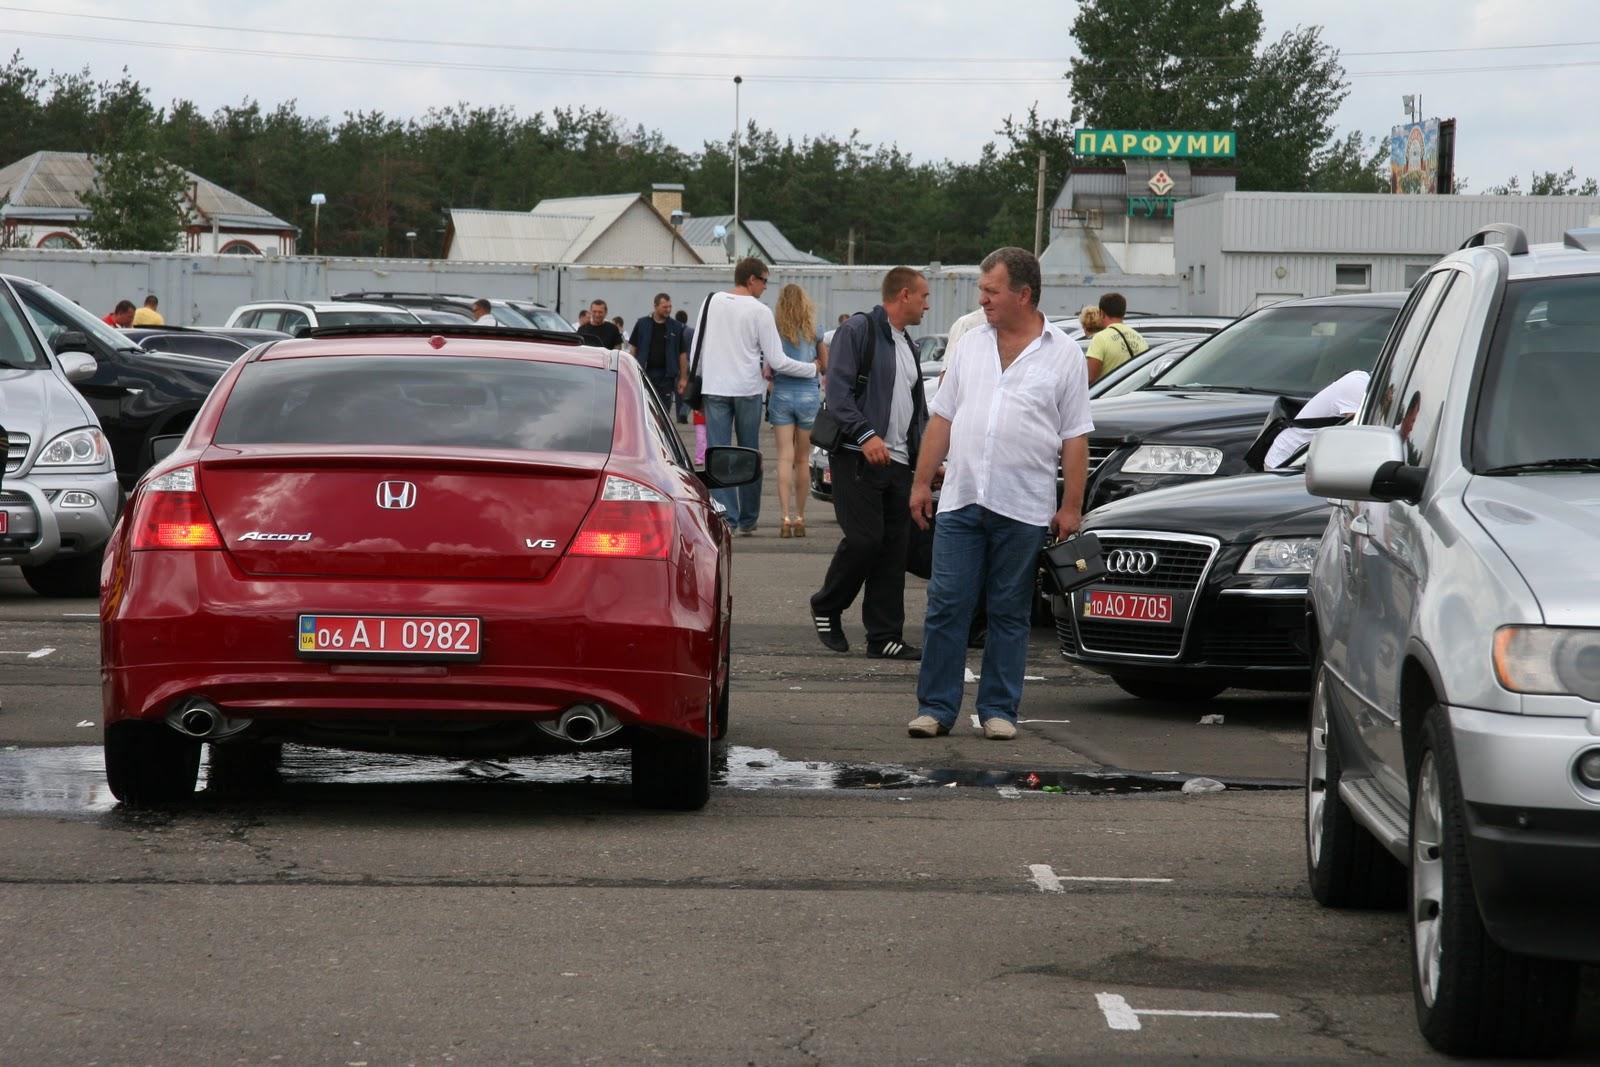 Залоговые авто продажа конфискованных автомобилей в челябинске